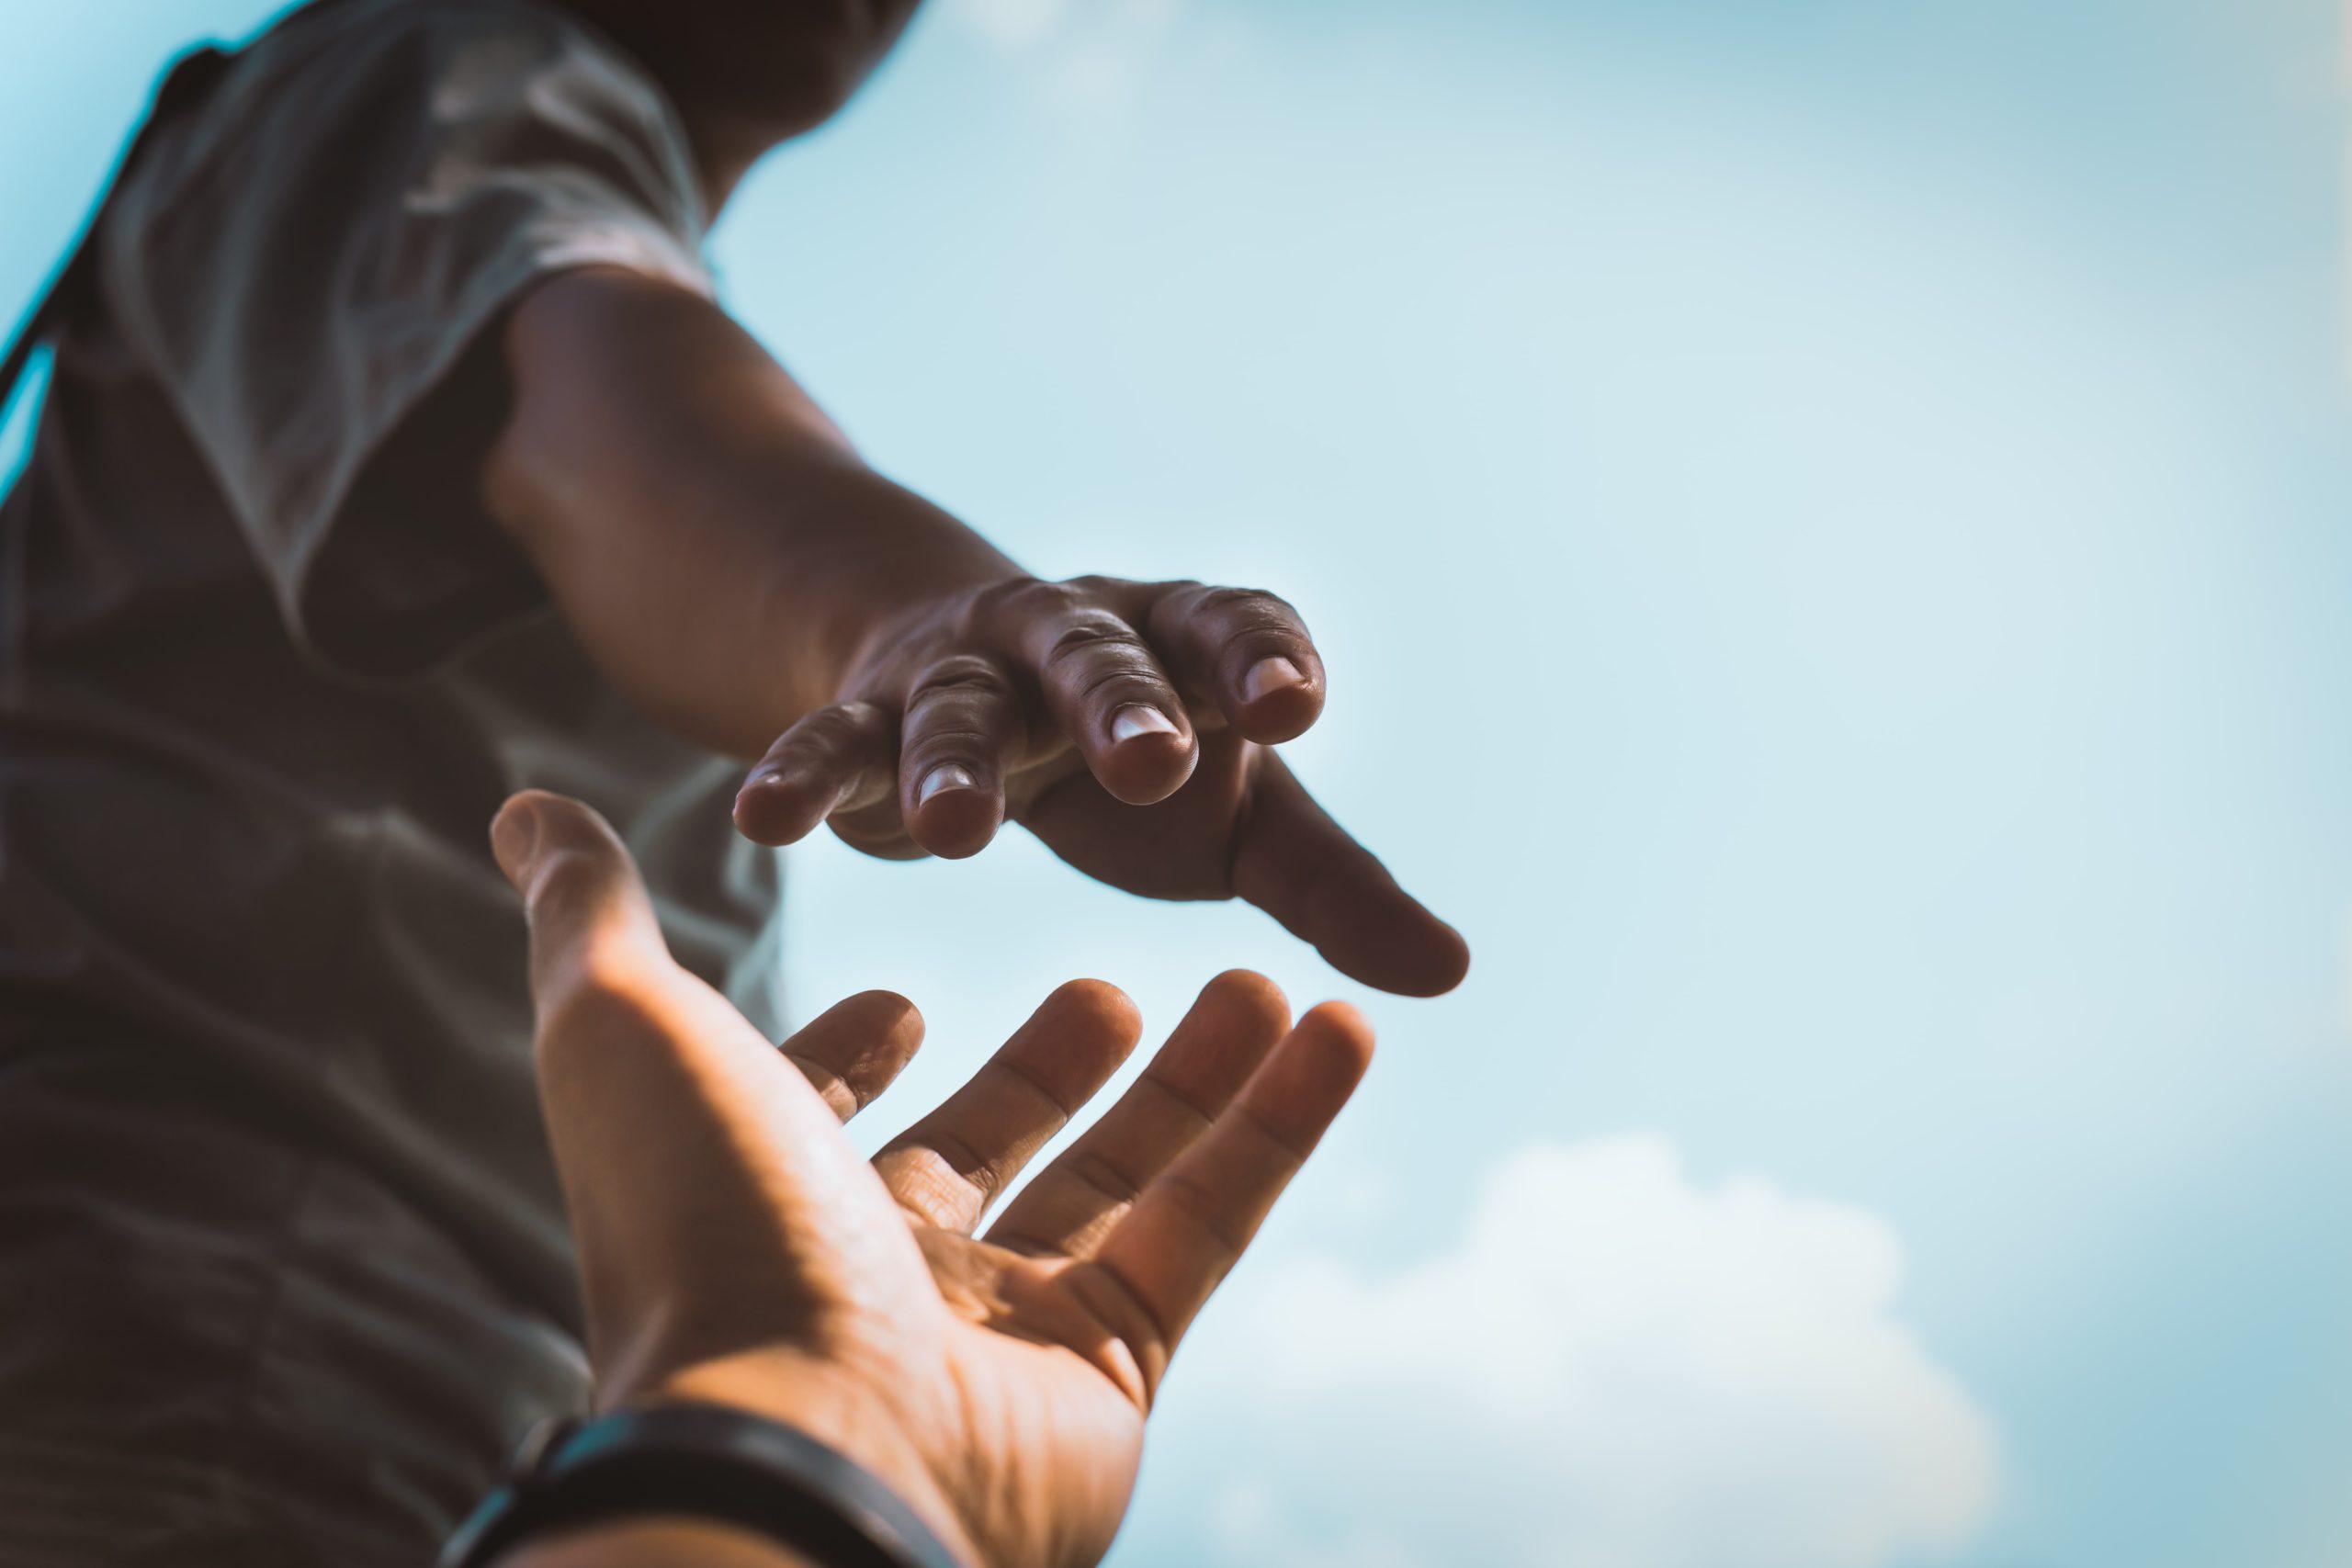 Twee handen reiken naar elkaar om goede doelen weer te geven